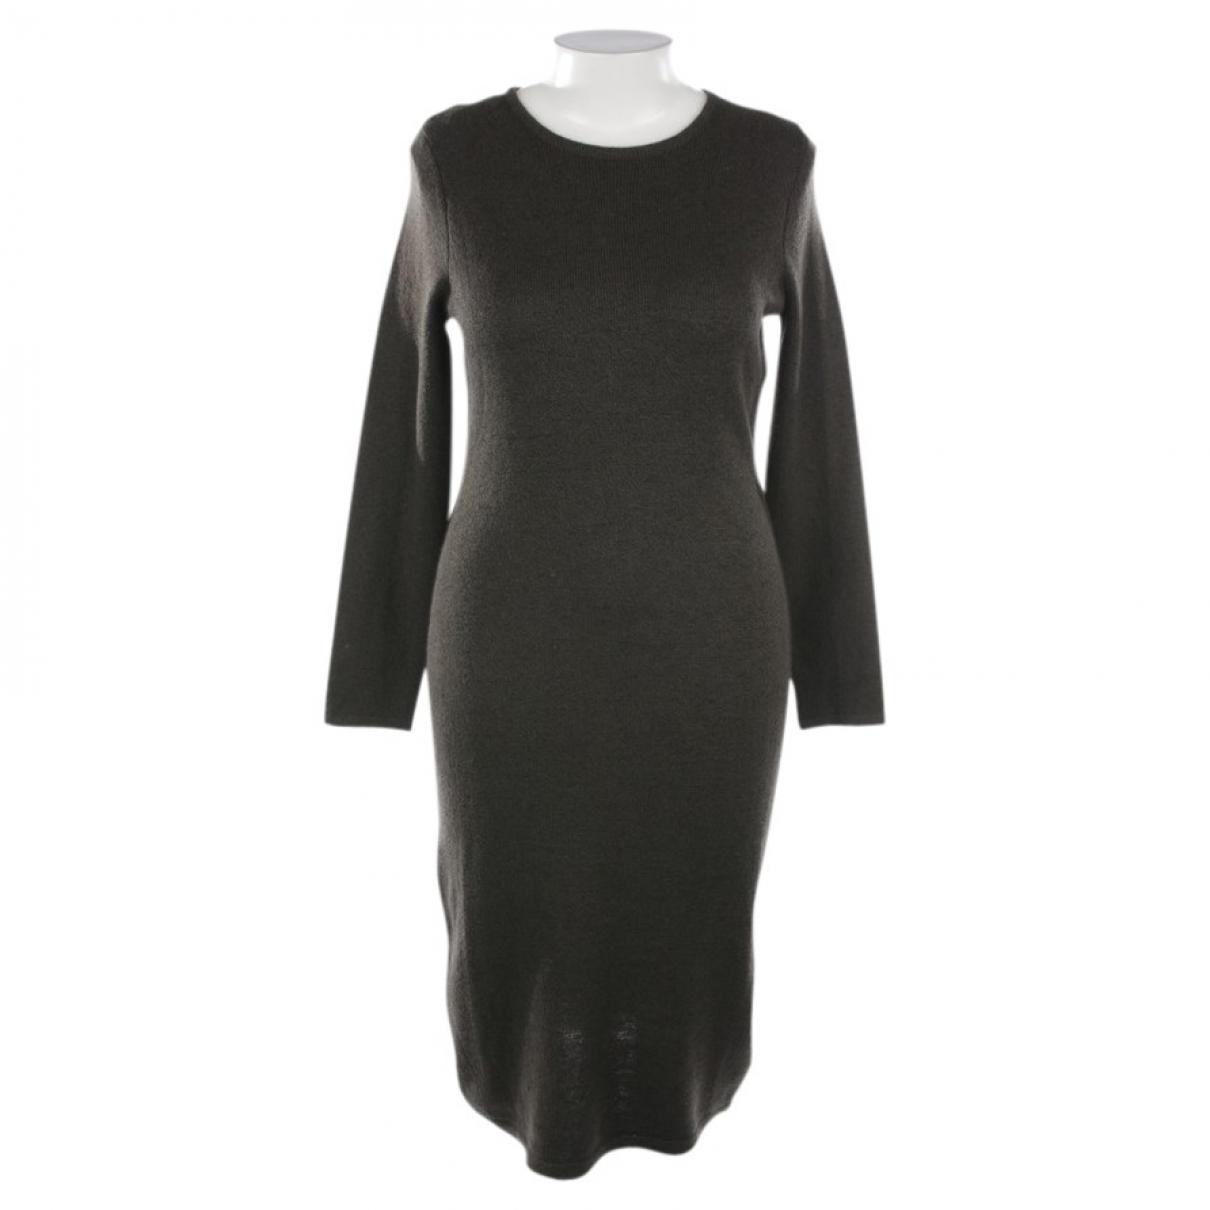 Rachel Zoe \N Green Cotton dress for Women L International